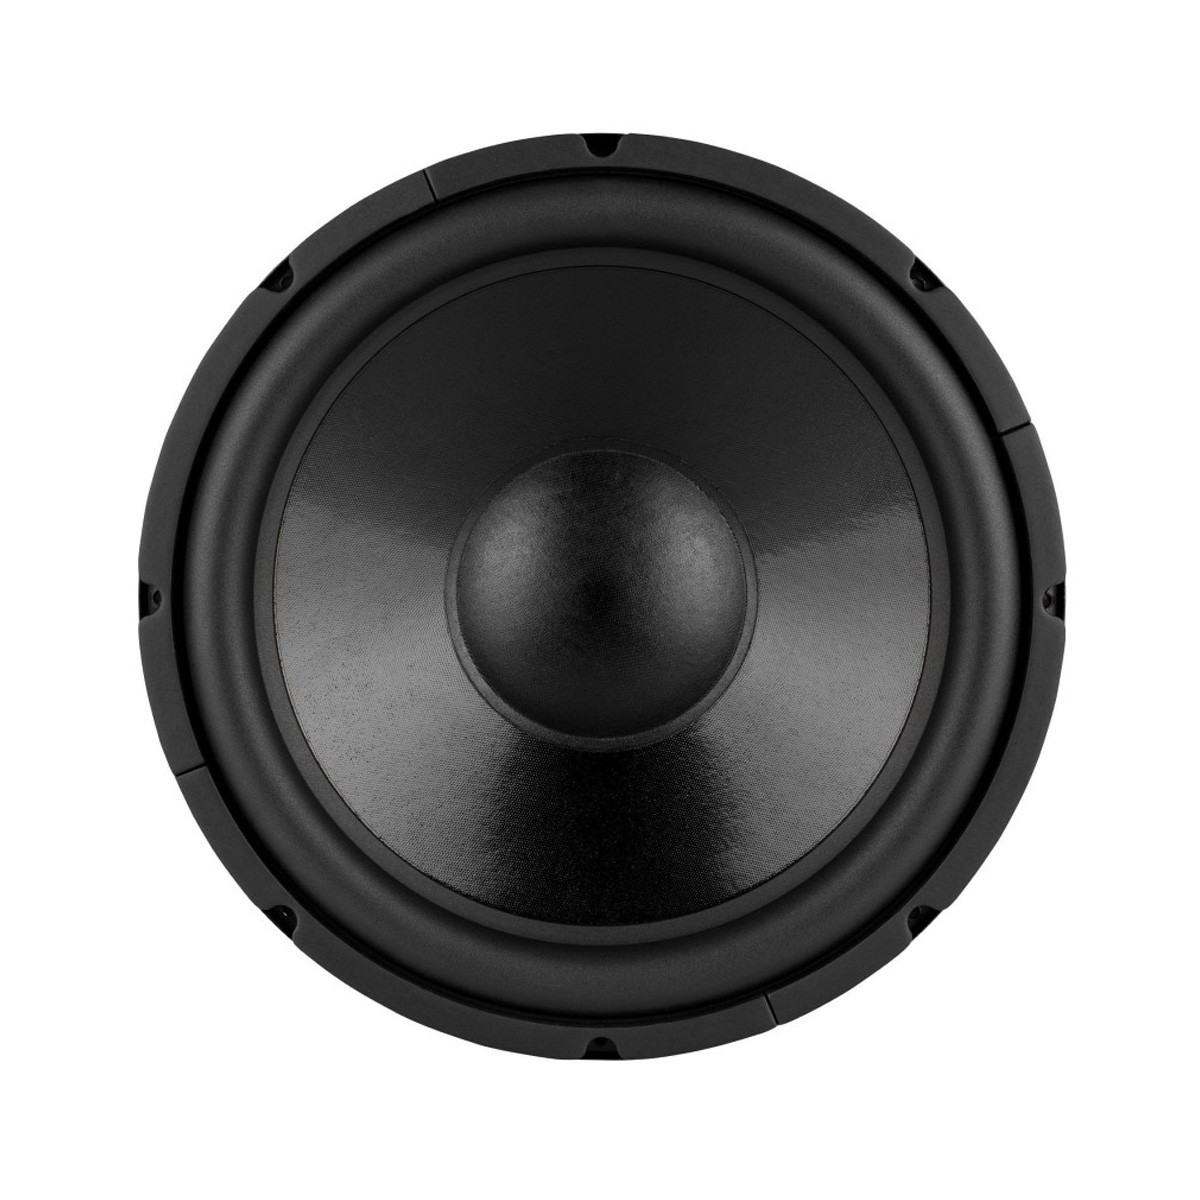 dayton audio dcs380 4 haut parleur subwoofer 4 ohm audiophonics. Black Bedroom Furniture Sets. Home Design Ideas